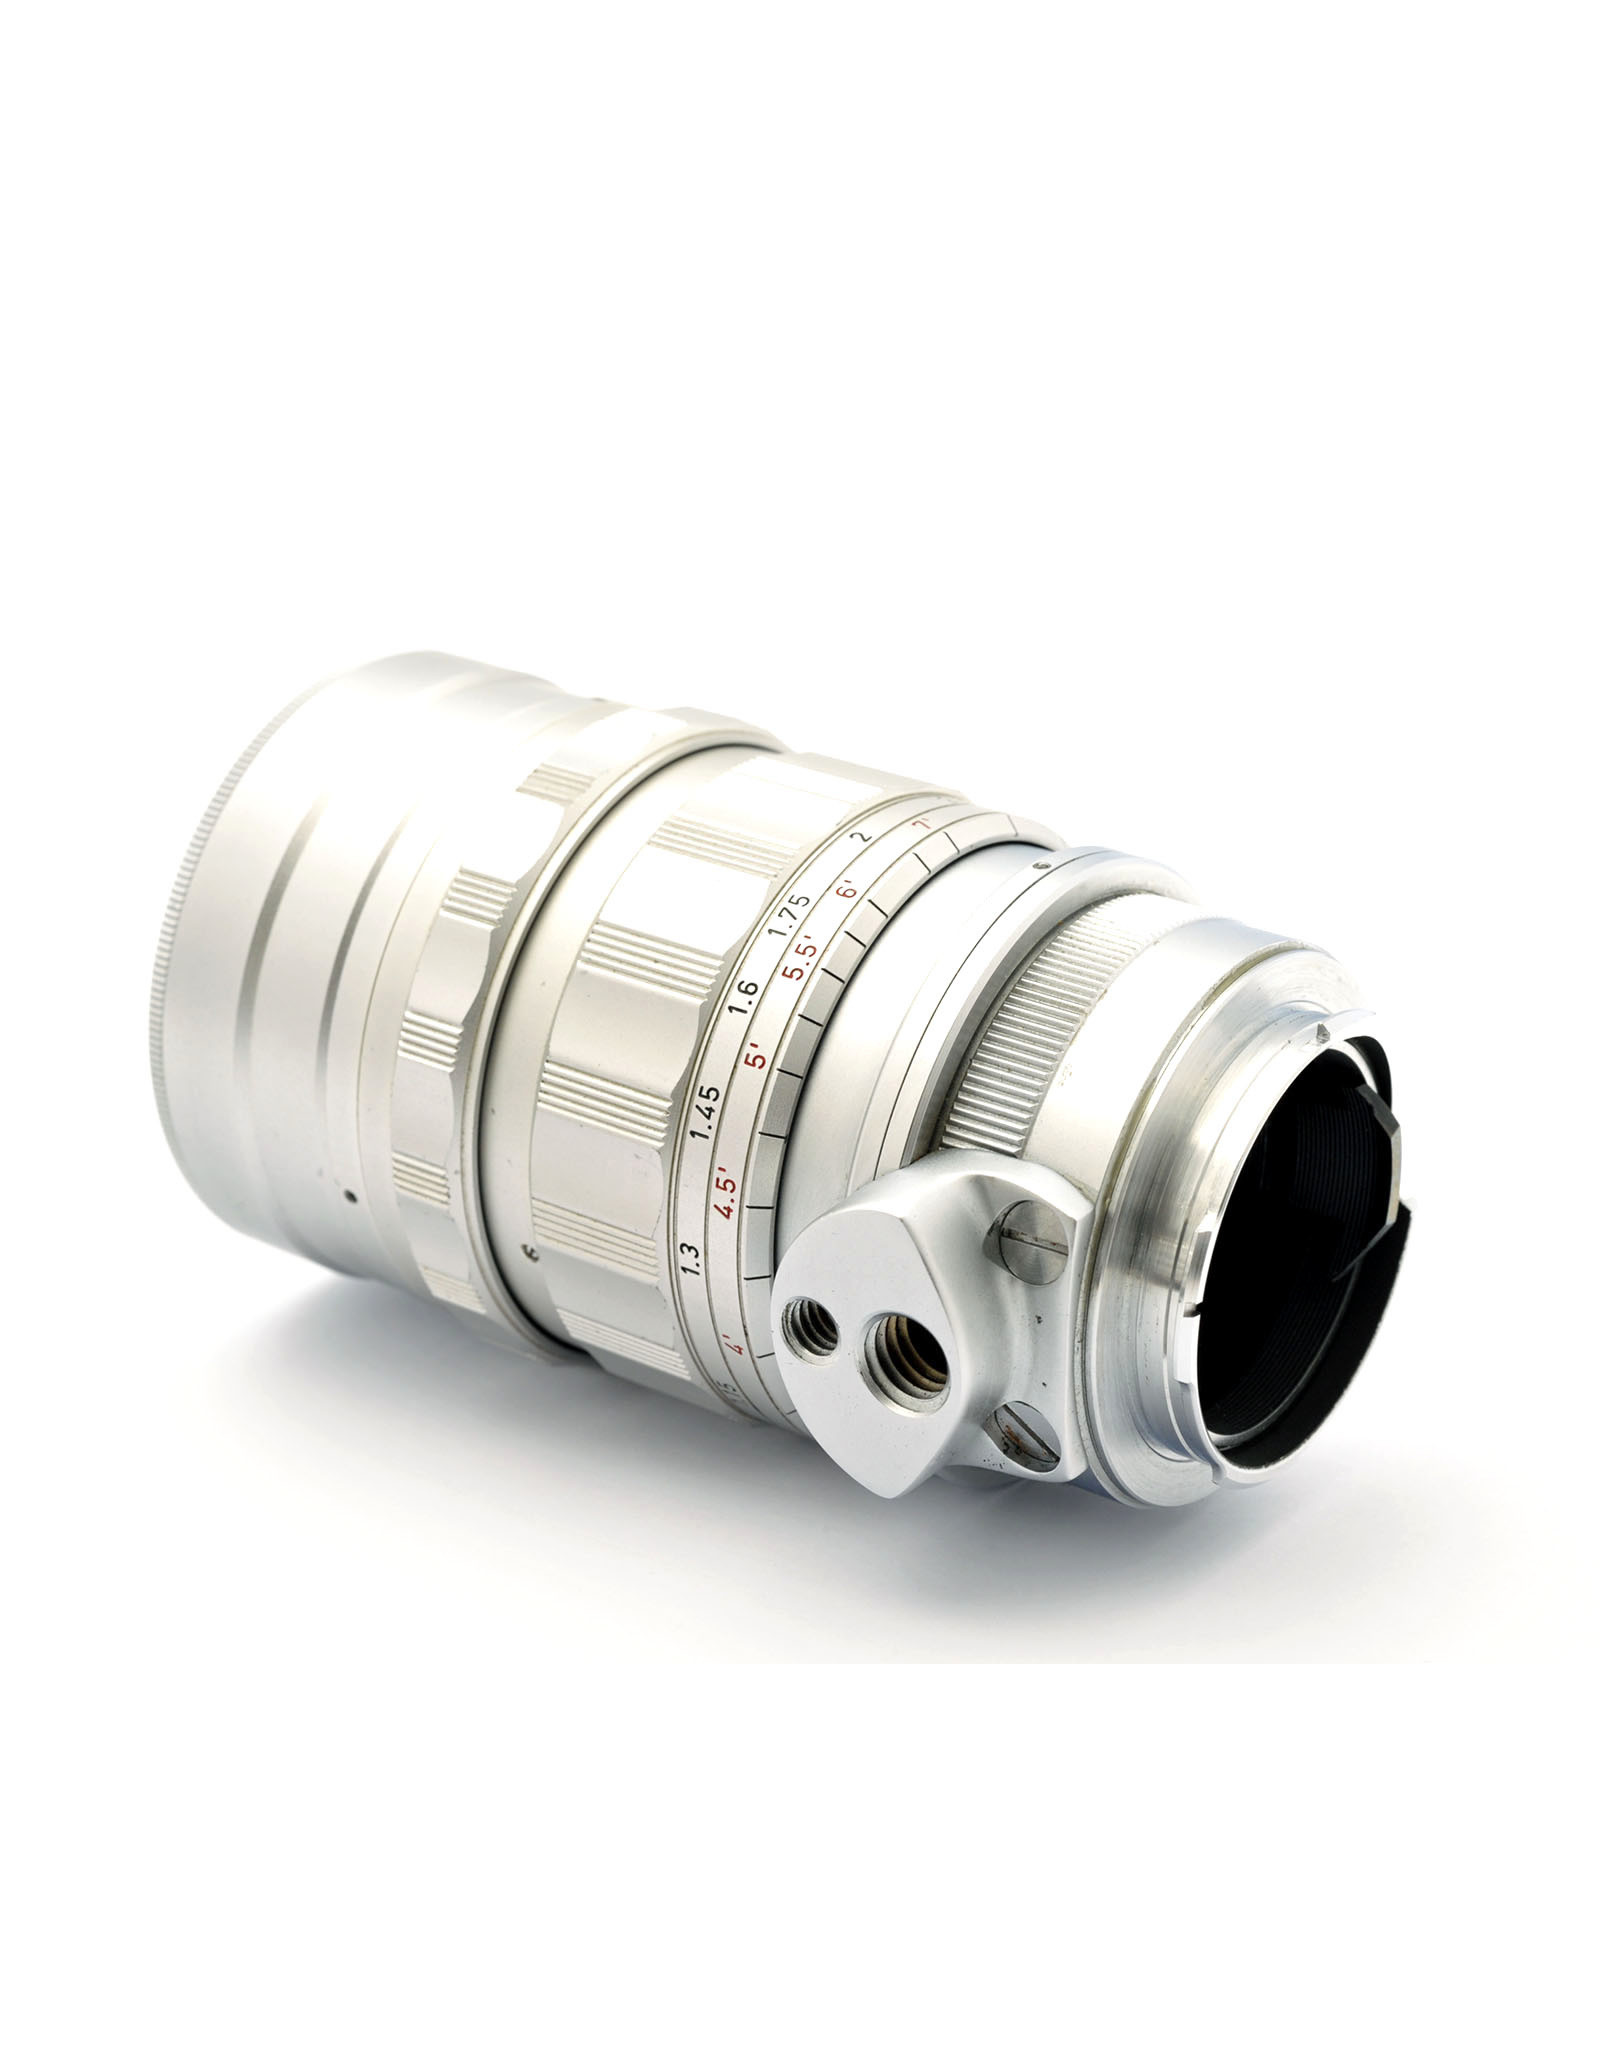 Leica Leica 90mm f2 Summicron Chrome Canadian   AP1082707